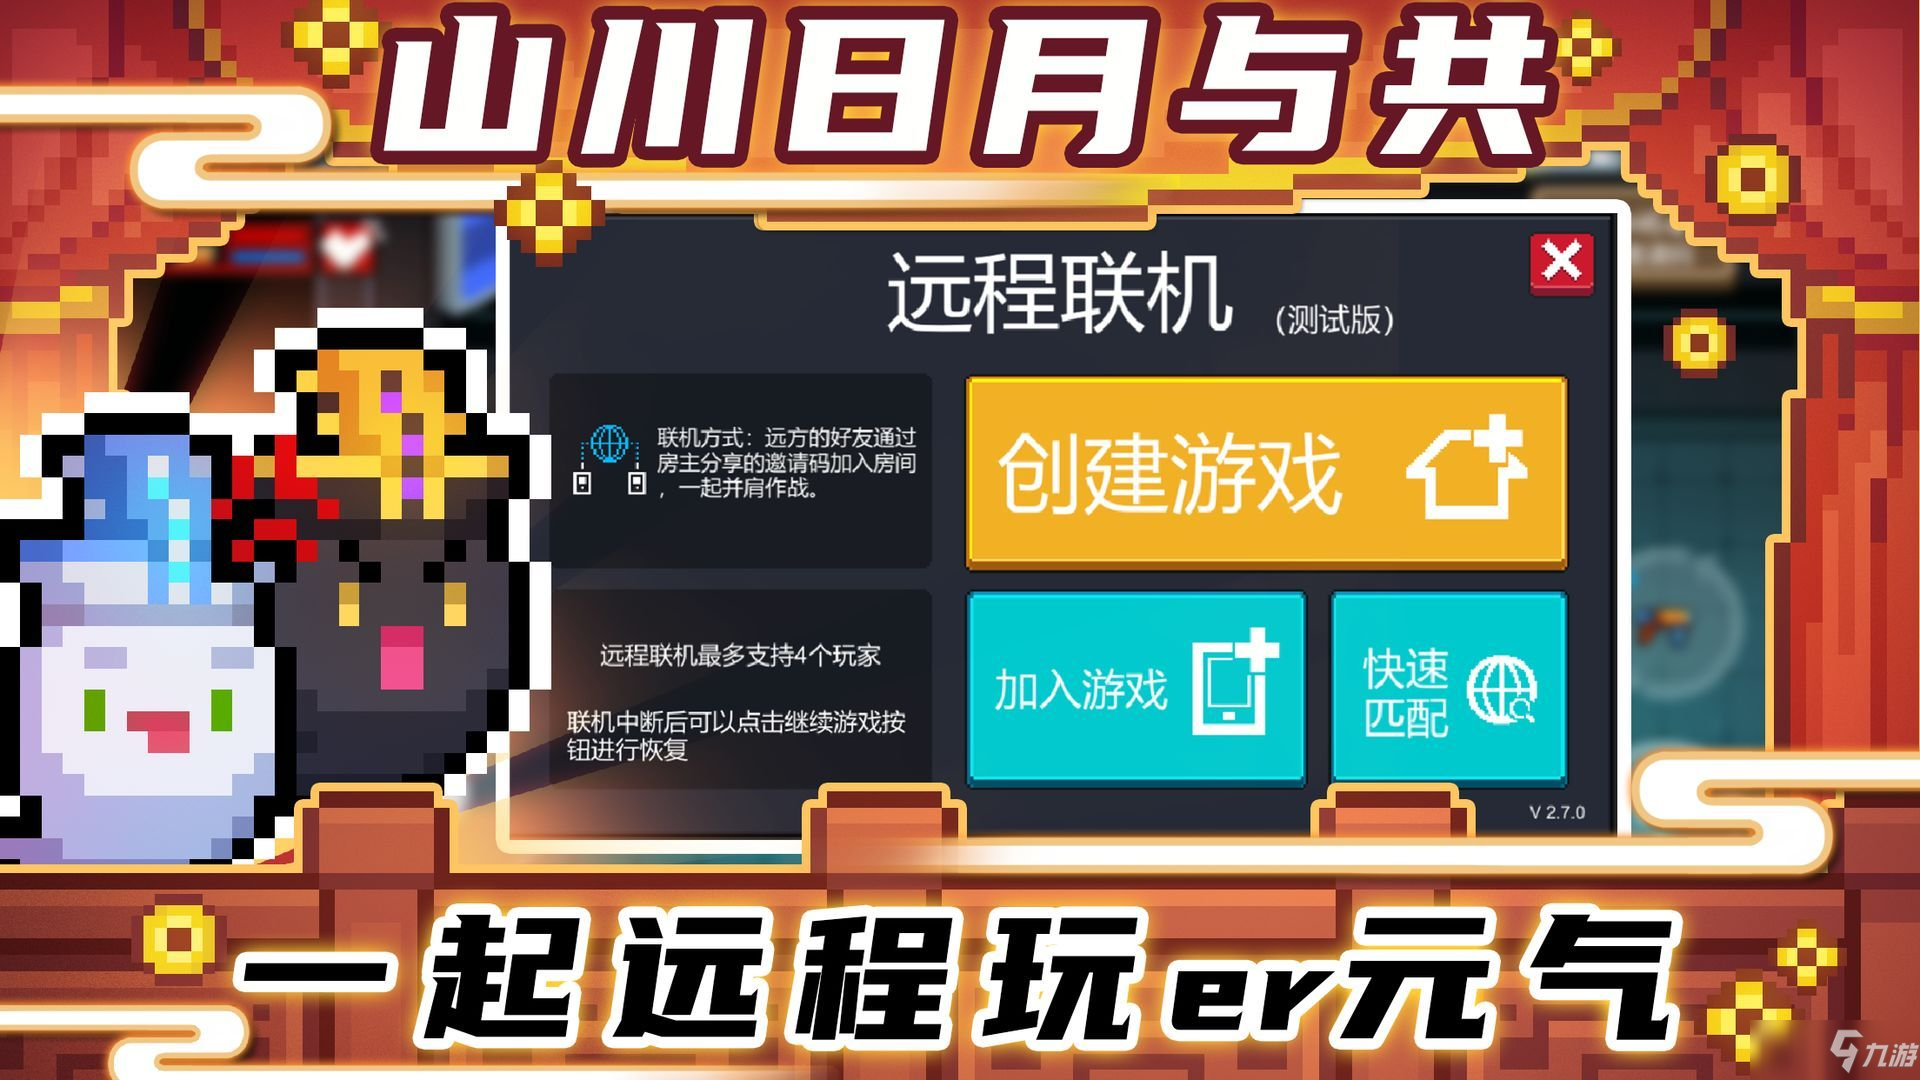 元气骑士4月14日更新日志:3.1.0版本更新内容大全